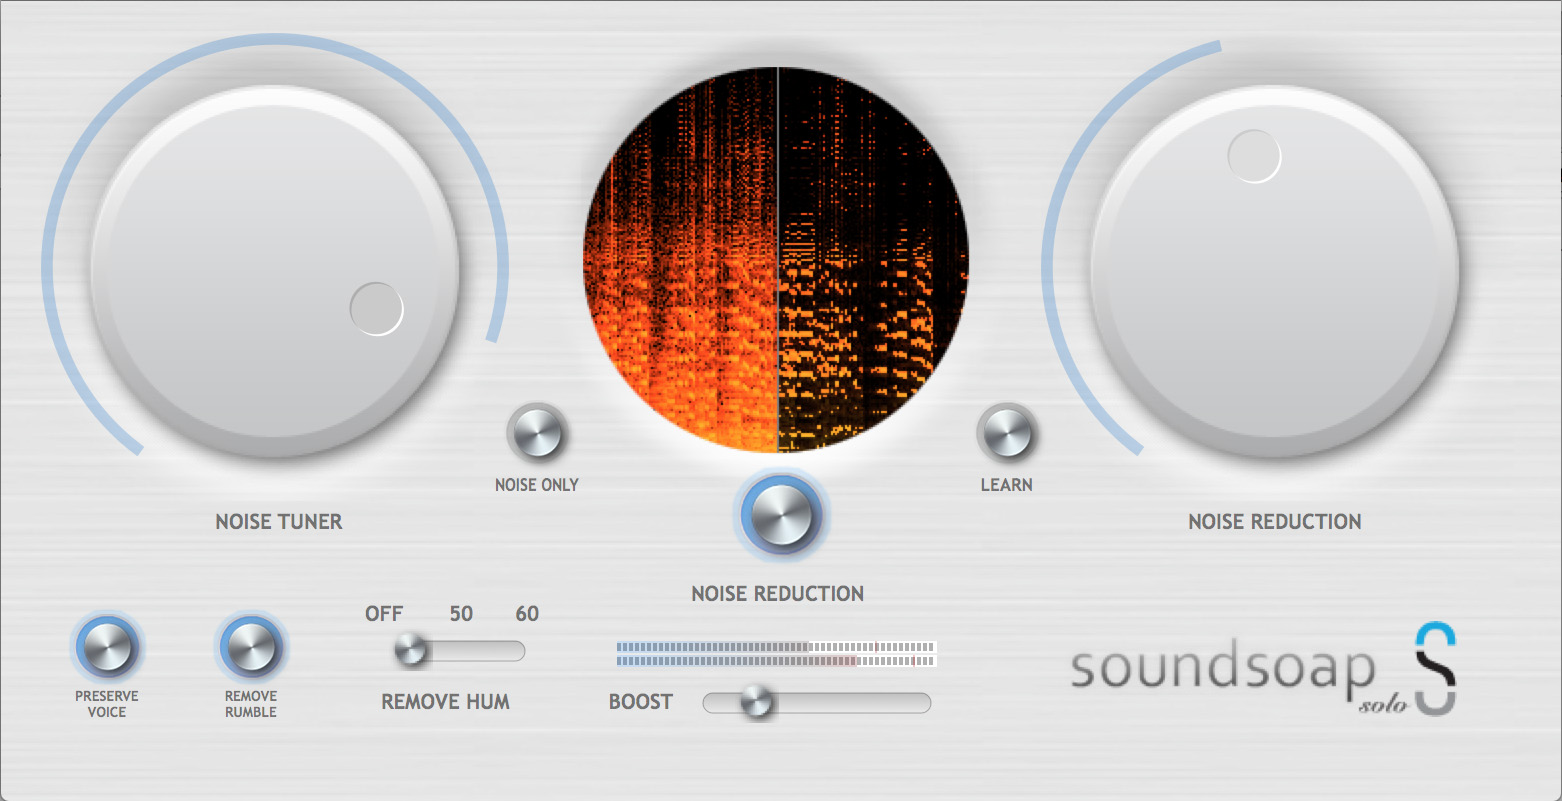 SoundSoap Solo